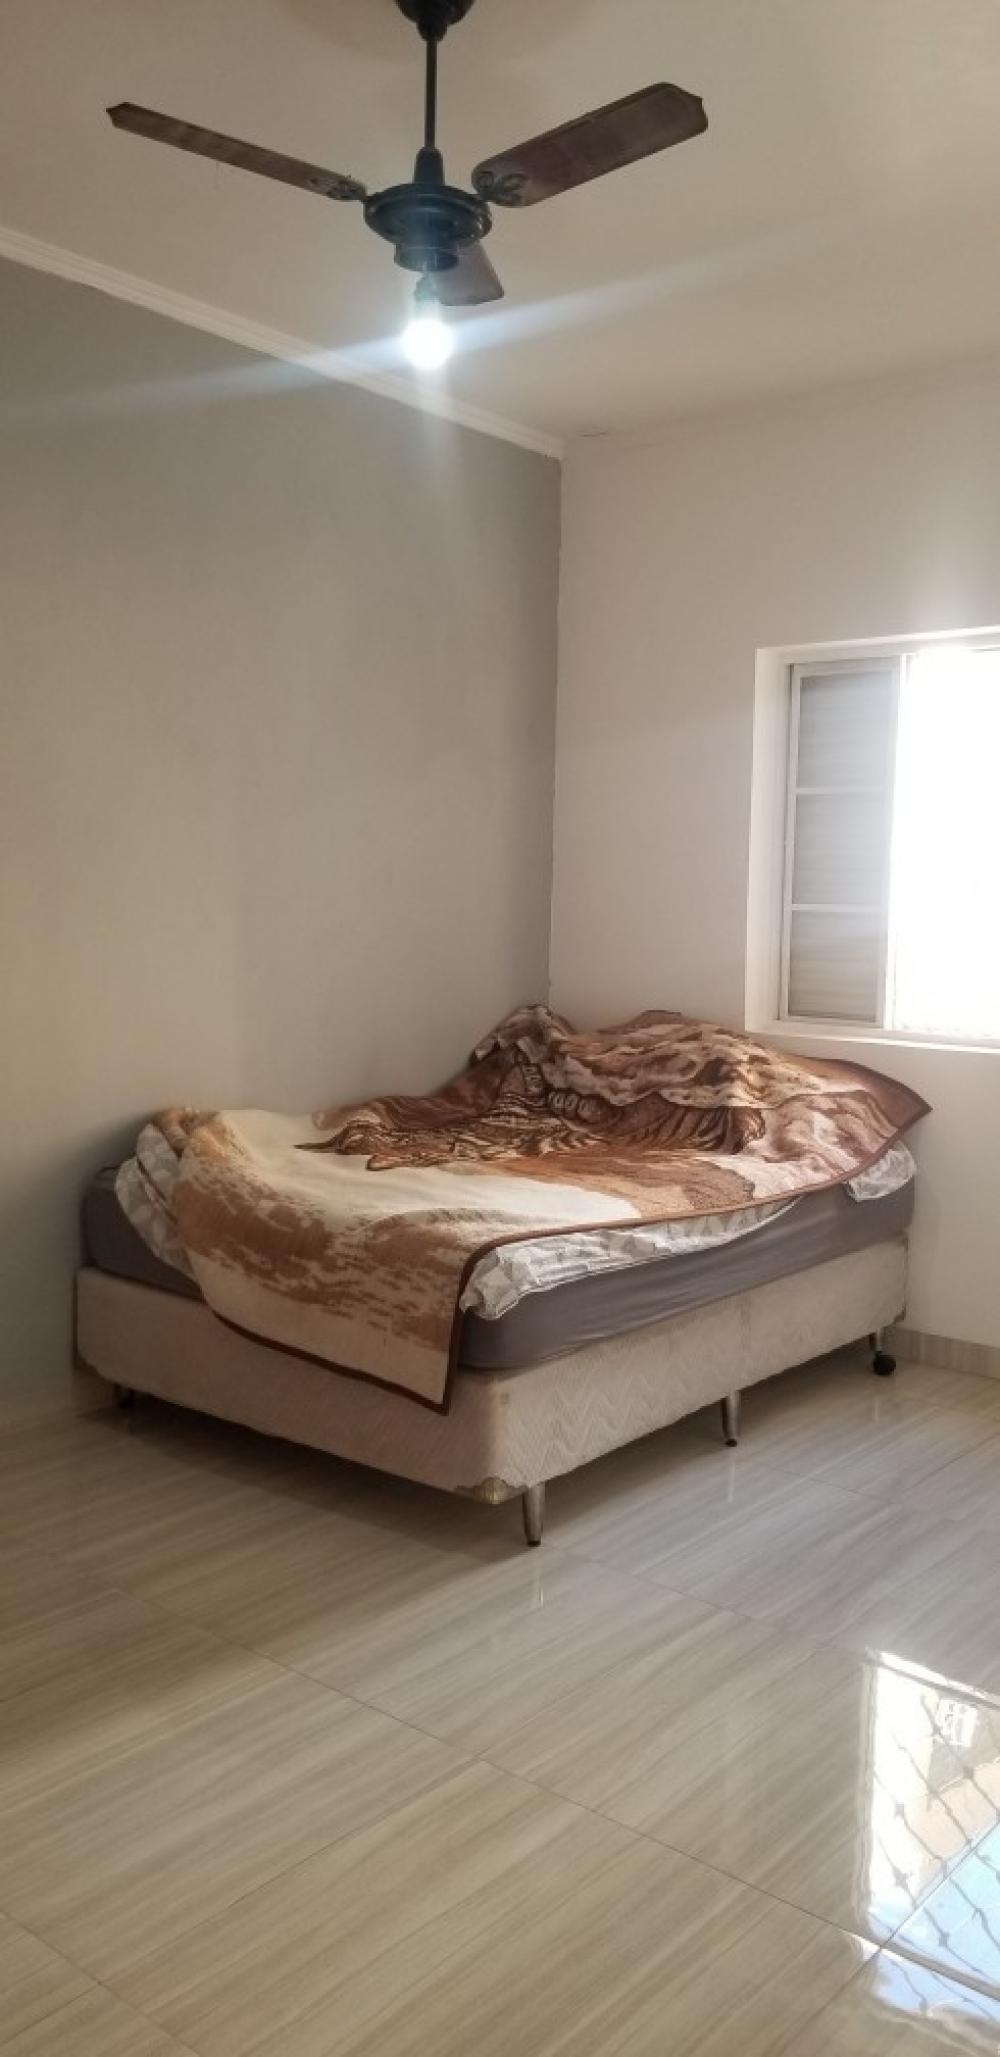 Alugar Casa / Padrão em Ribeirão Preto R$ 3.800,00 - Foto 24